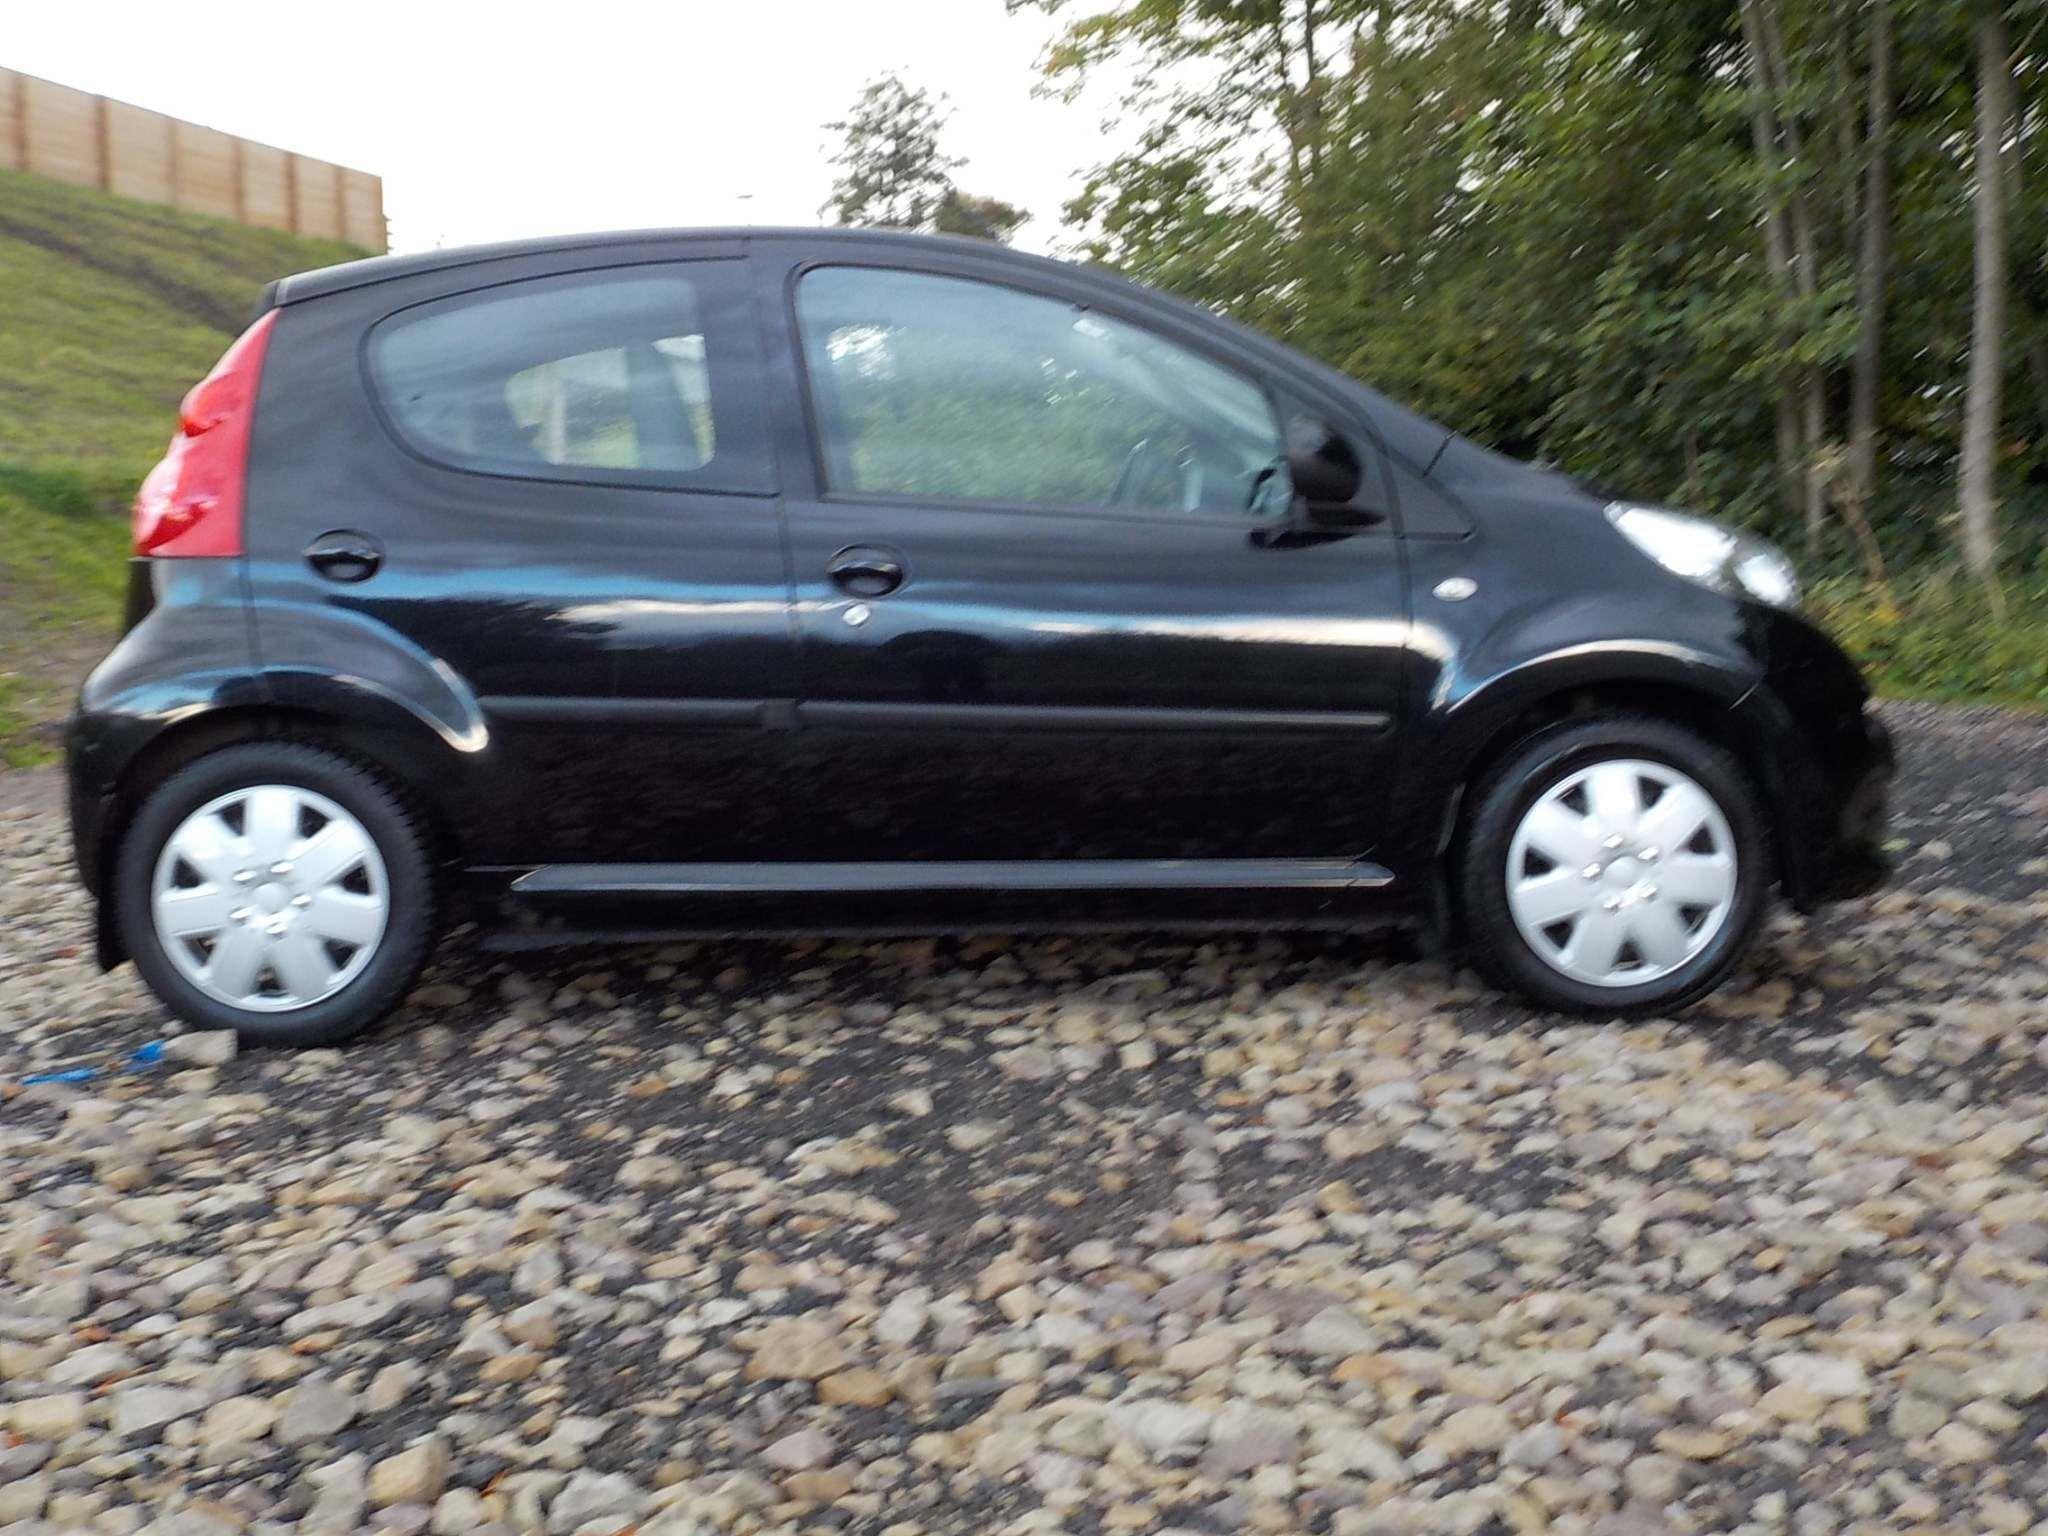 Peugeot 107 1.0 12v Urban 5dr